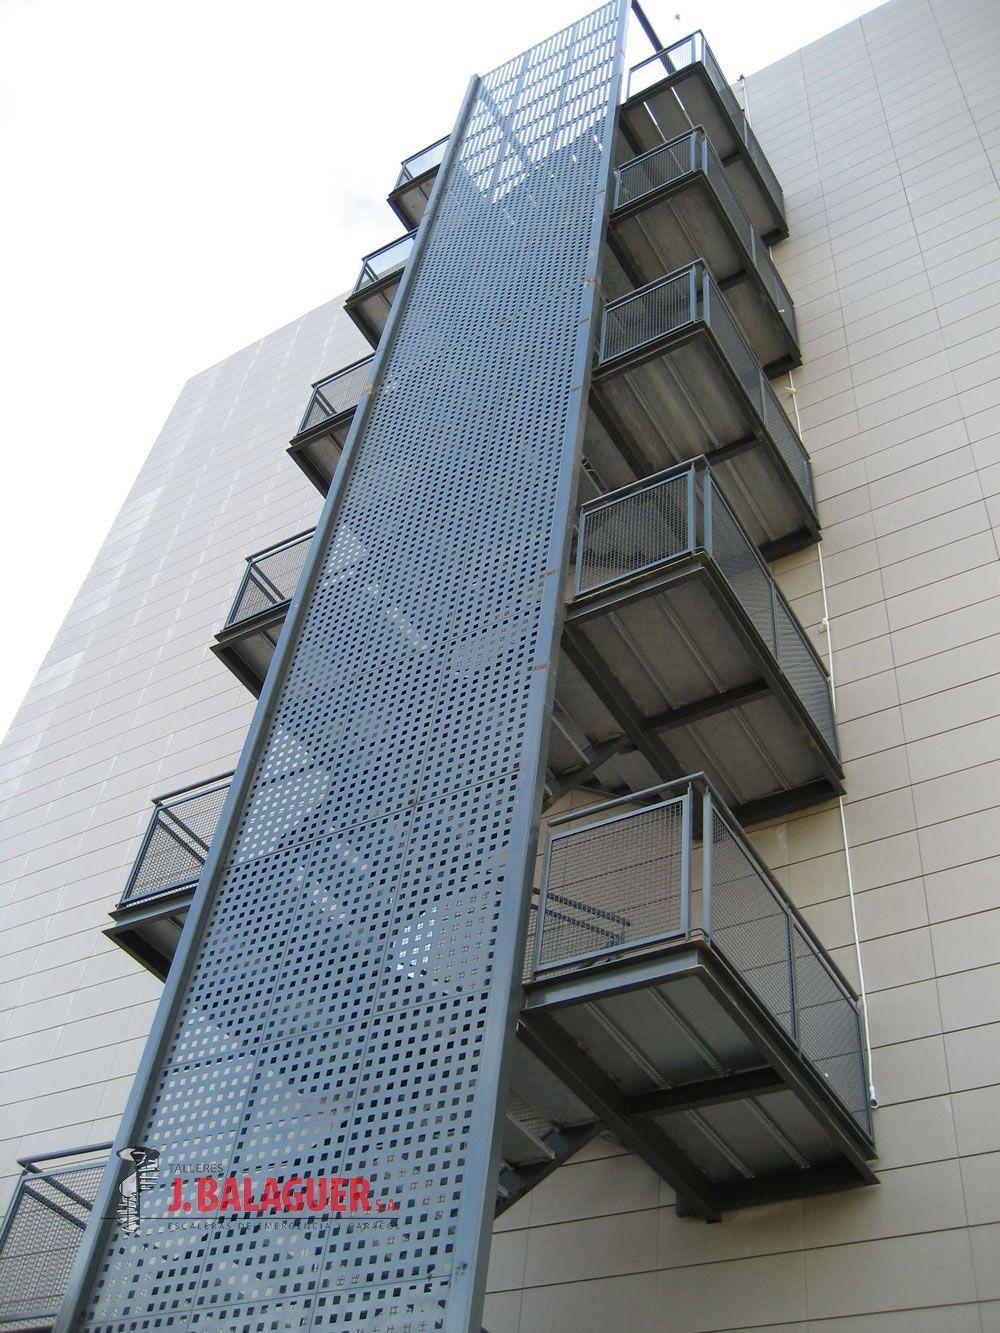 Escalera emergencia tramos rectos escaleras exteriores for Tipos de escaleras exteriores